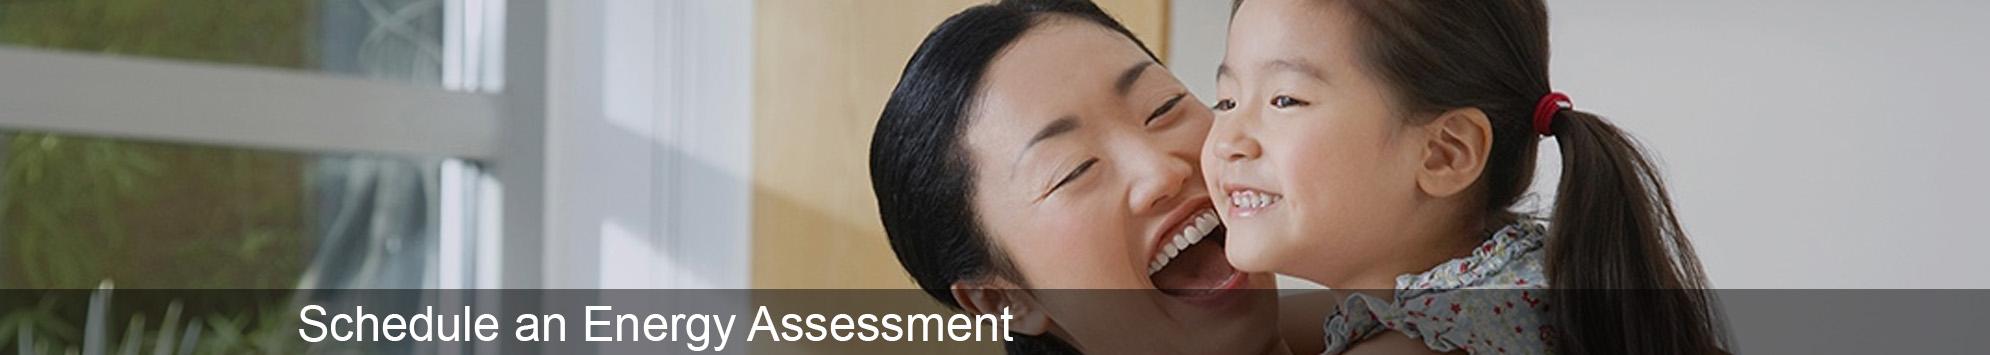 Schedule An Energy Assessment